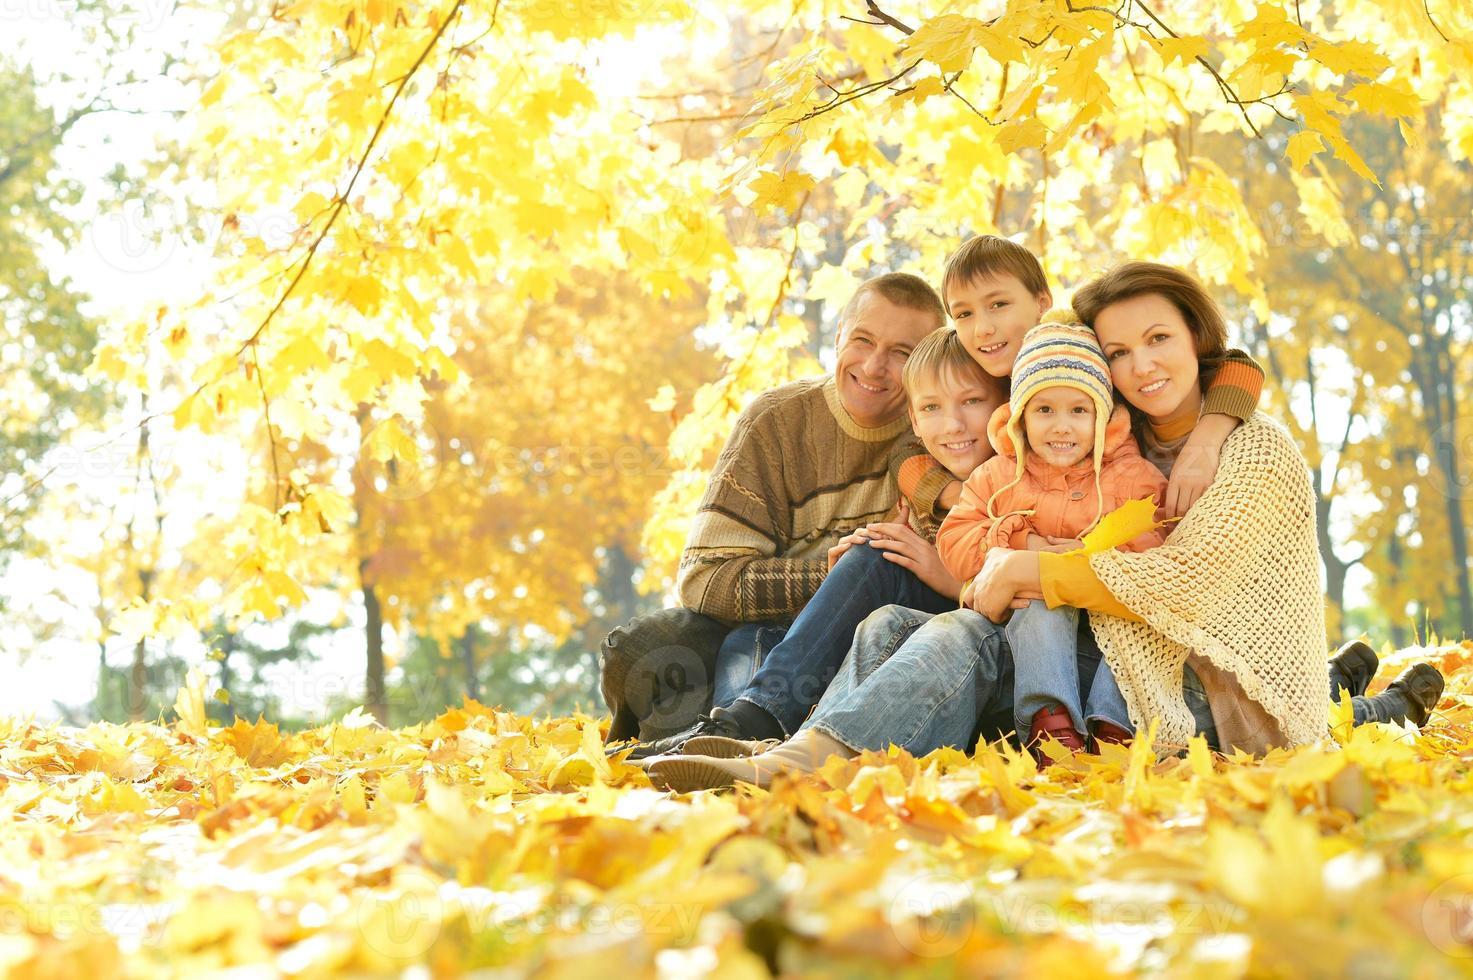 famille heureuse, dans, forêt automne photo